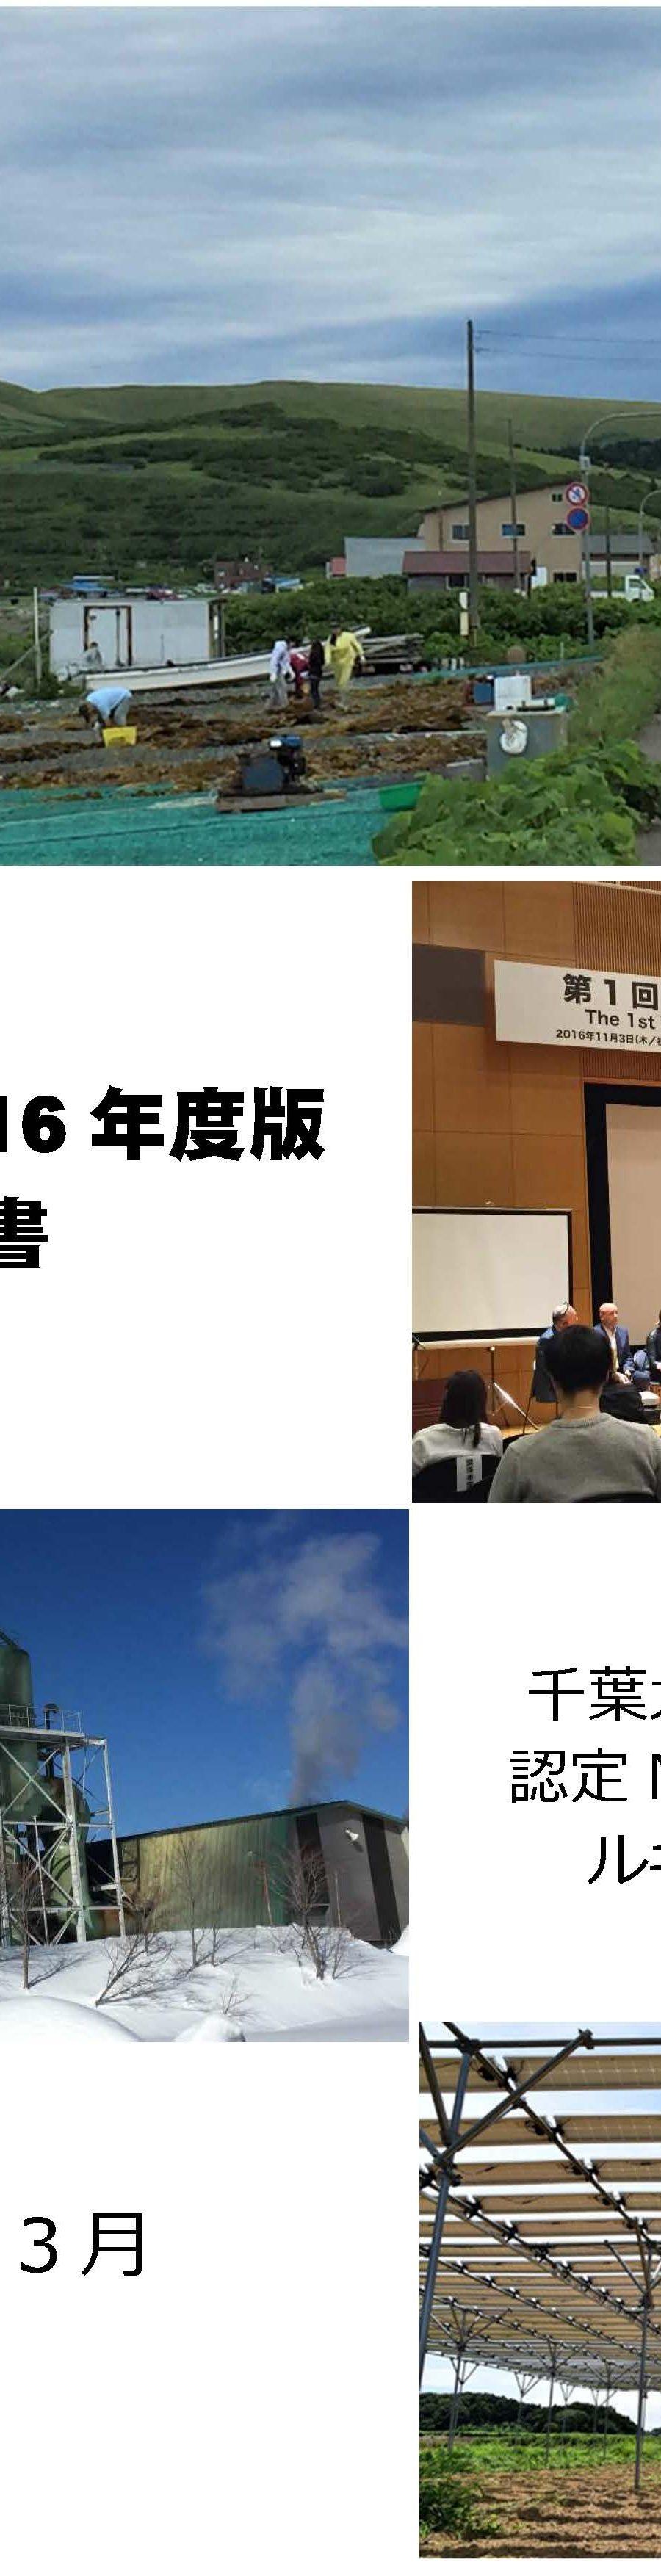 永続地帯2016 年度版報告書